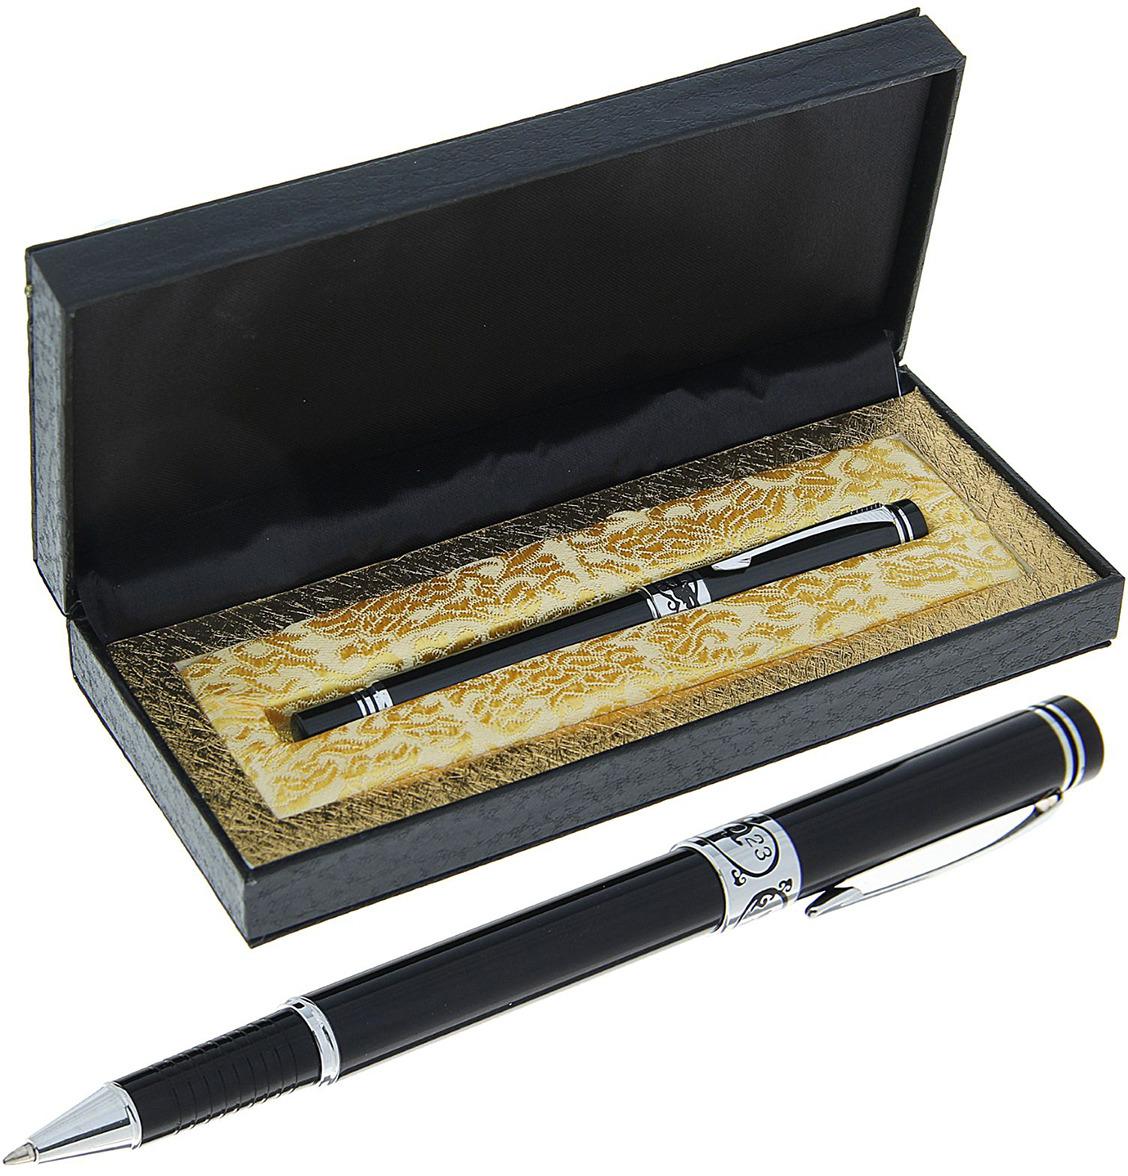 Ручка подарочная капиллярная Calligrata  Галант , 634803, в футляре, корпус черный